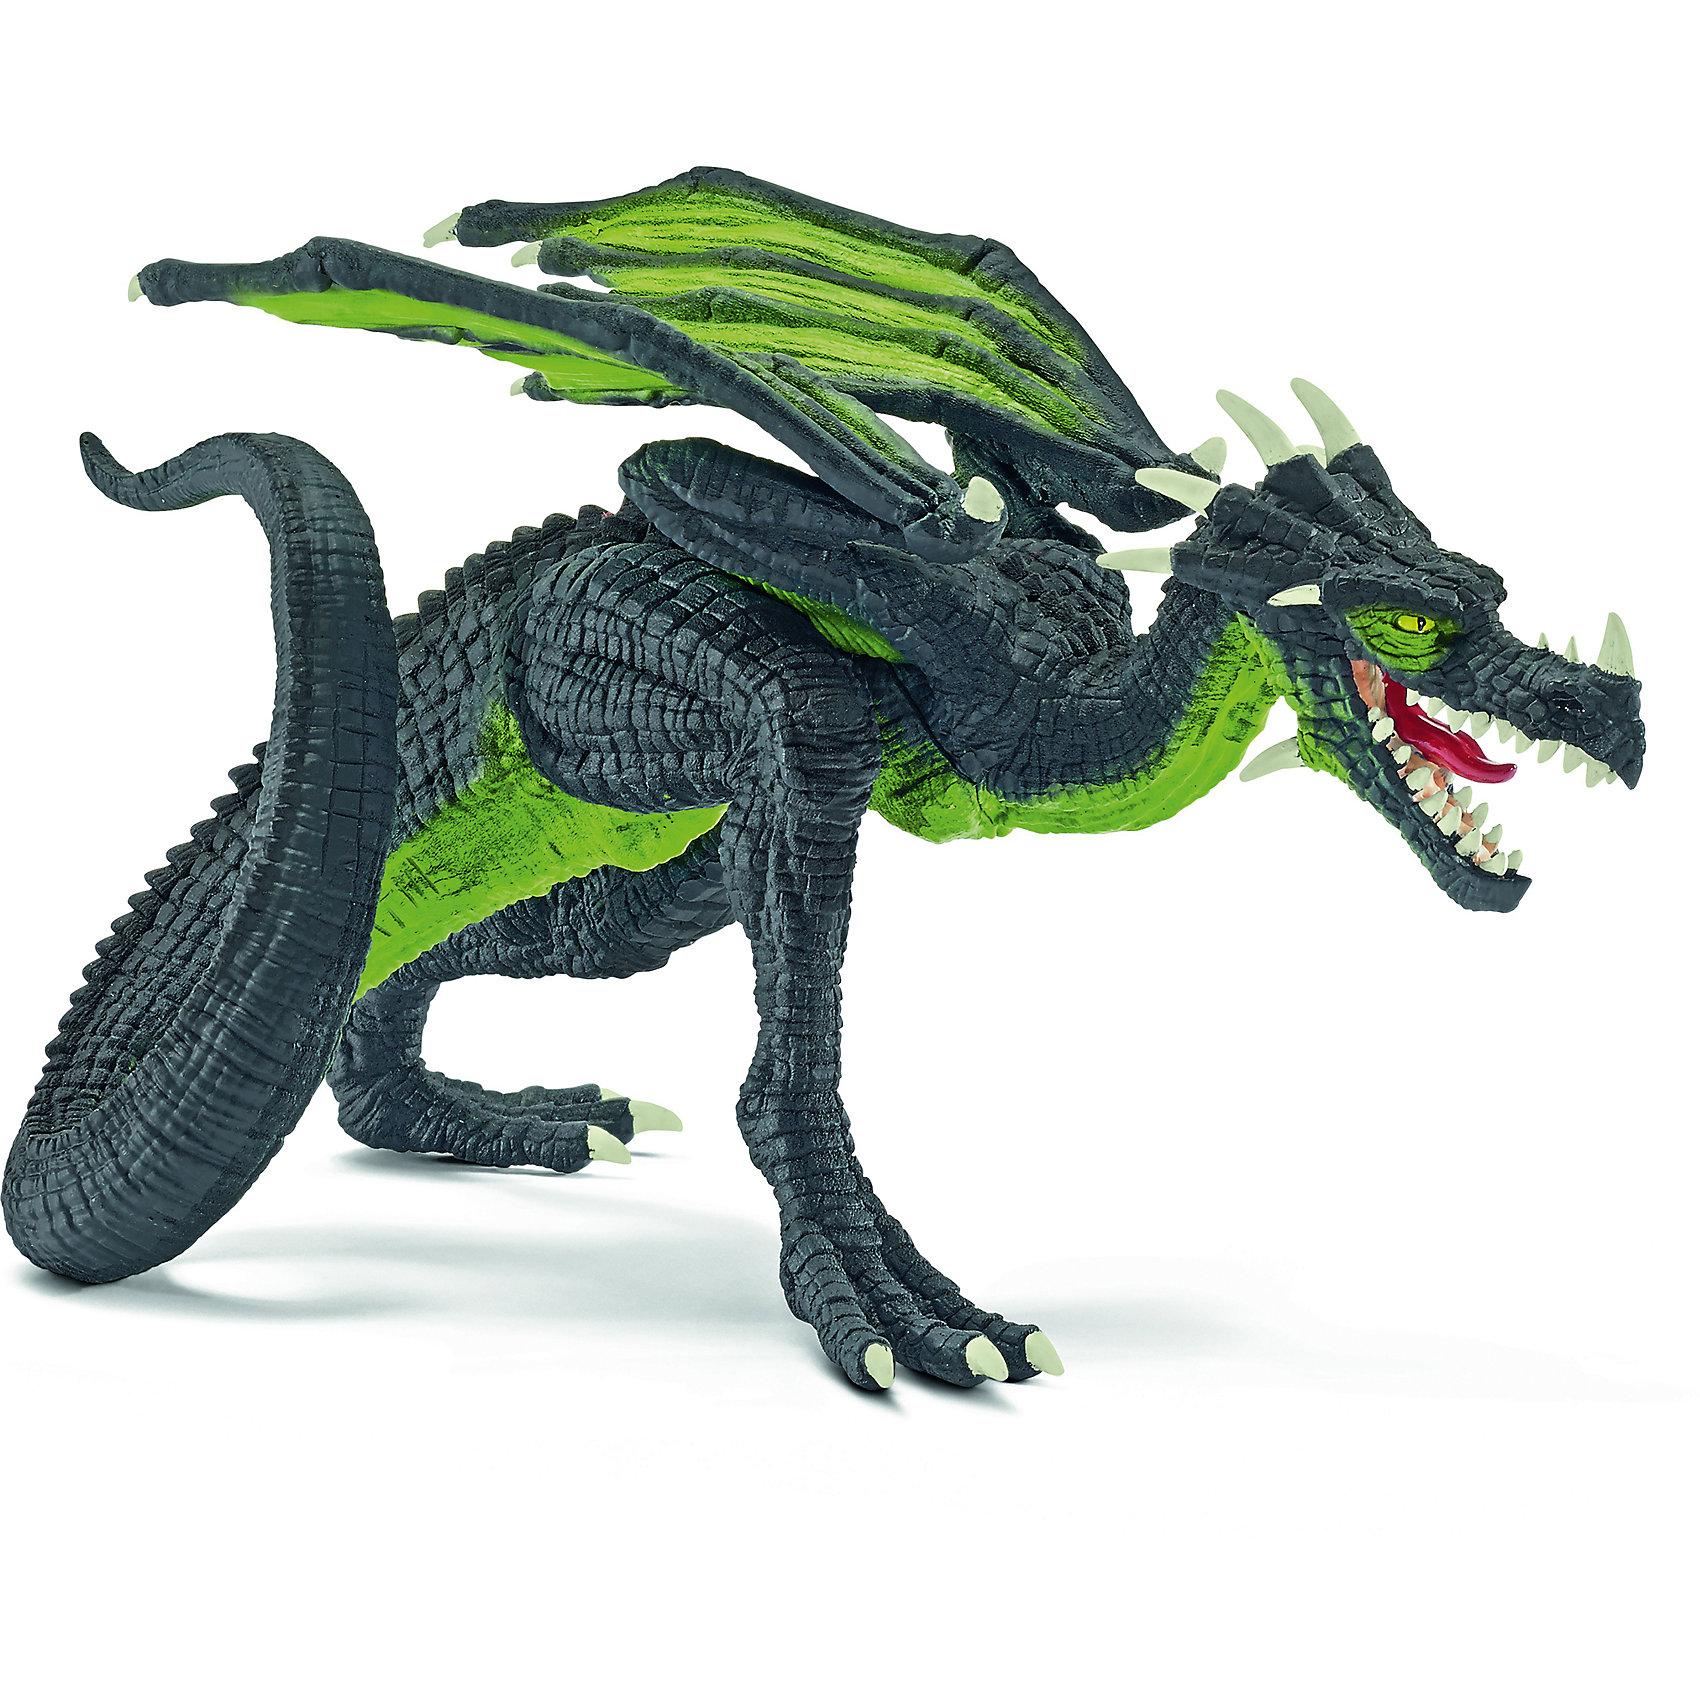 Дракон Бегун, SchleichДраконы и динозавры<br>Дракон Бегун, Schleich (Шляйх) – это высококачественная игровая фигурка.<br>Дракон Бегун из серии Рыцари от Schleich (Шляйх) - восхитительная фигурка дракона, которая сделает игры с рыцарями и воинами еще увлекательнее. Дракон Бегун неплохо летает. Но вот скорость, что он развивает, передвигаясь по земле, действительно впечатляет. Стремительный силуэт бегущего дракона абсолютно узнаваем. Дракон Бегун вполне безобиден, он вступает в бой только в случае крайней необходимости. Всегда чистенький, можно сказать, опрятный; будто дракон следит за своим внешним видом, и ему не безразлично, что скажут о нём окружающие. <br>Прекрасно выполненные фигурки Schleich (Шляйх) отличаются высочайшим качеством игрушек ручной работы. Каждая фигурка разработана с учетом исследований в области педагогики и производится как настоящее произведение для маленьких детских ручек. Все фигурки Schleich (Шляйх) сделаны из гипоаллергенных высокотехнологичных материалов, раскрашены вручную и не вызывают аллергии у ребенка.<br><br>Дополнительная информация:<br><br>- Размер фигурки: 18,8 х 11,6 х 11,6 см.<br>- Материал: высококачественный каучуковый пластик<br><br>Фигурку Дракон Бегун, Schleich (Шляйх) можно купить в нашем интернет-магазине.<br><br>Ширина мм: 169<br>Глубина мм: 101<br>Высота мм: 115<br>Вес г: 130<br>Возраст от месяцев: 36<br>Возраст до месяцев: 96<br>Пол: Мужской<br>Возраст: Детский<br>SKU: 3902629